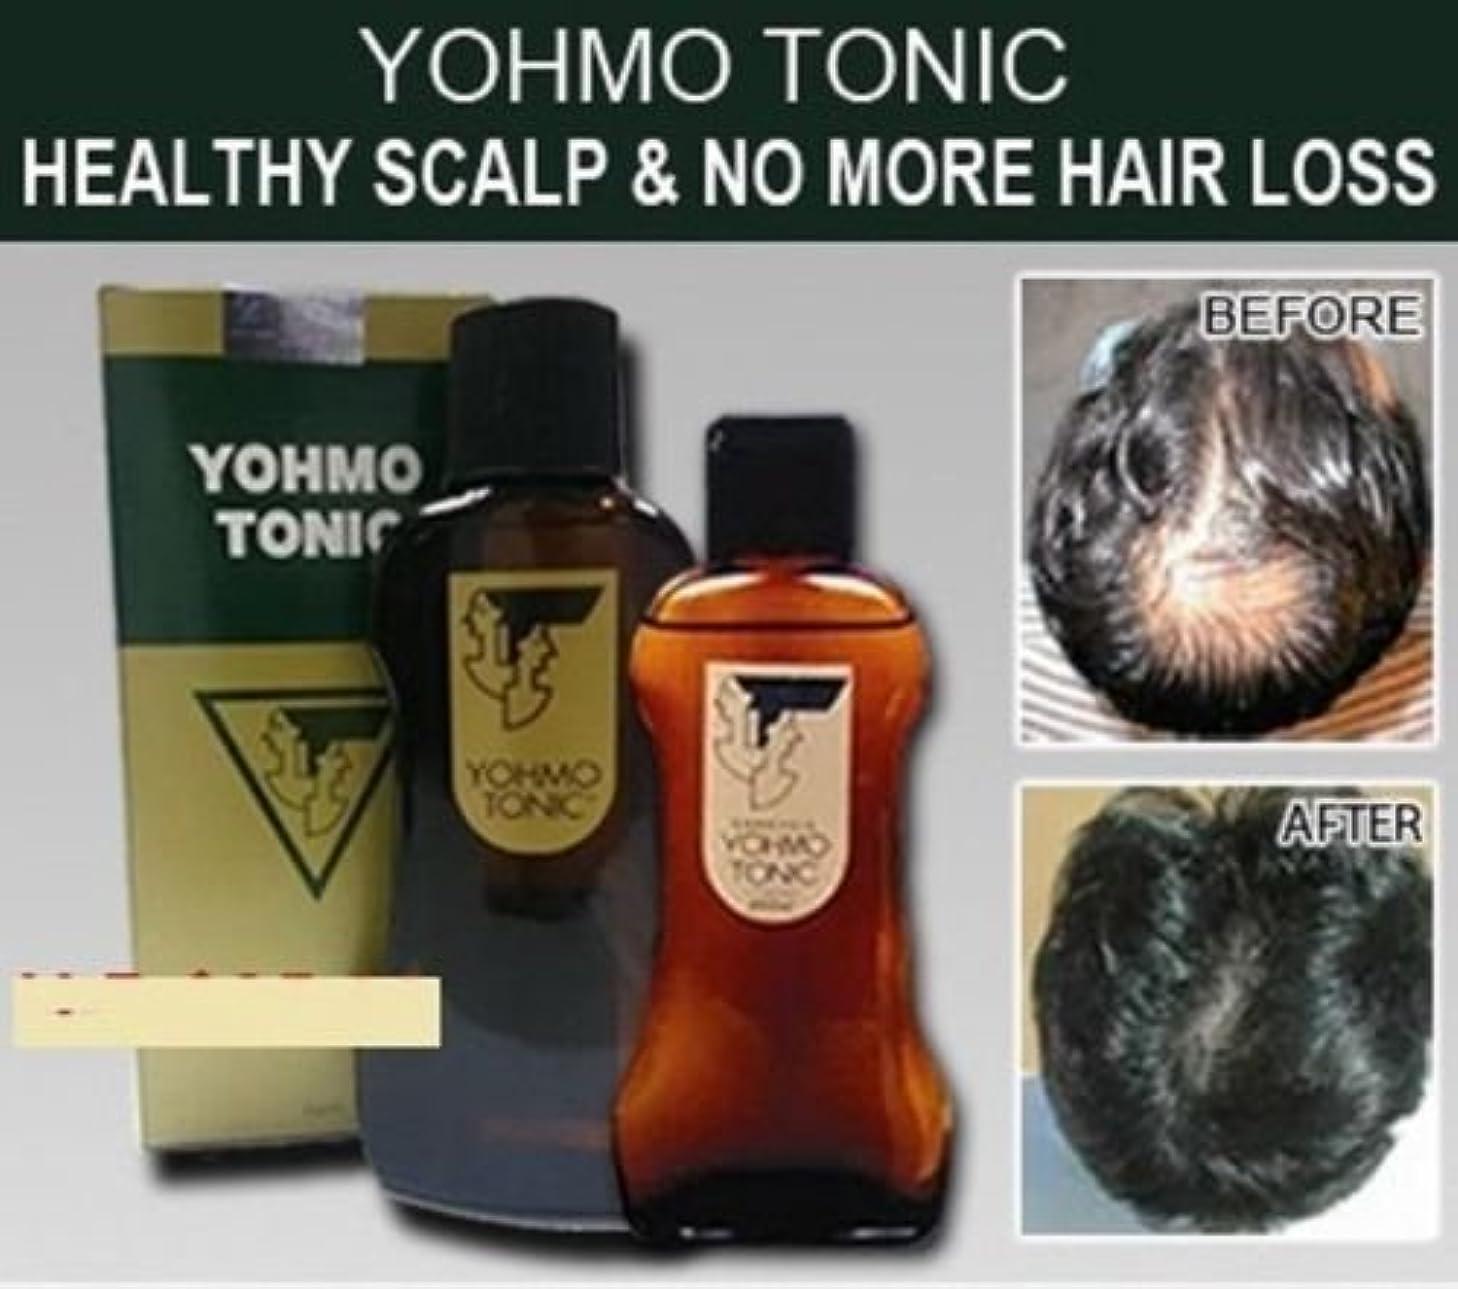 覆す以上あえてYOHMO 強壮剤200ml 使用する育毛剤外部日本脱毛強壮剤